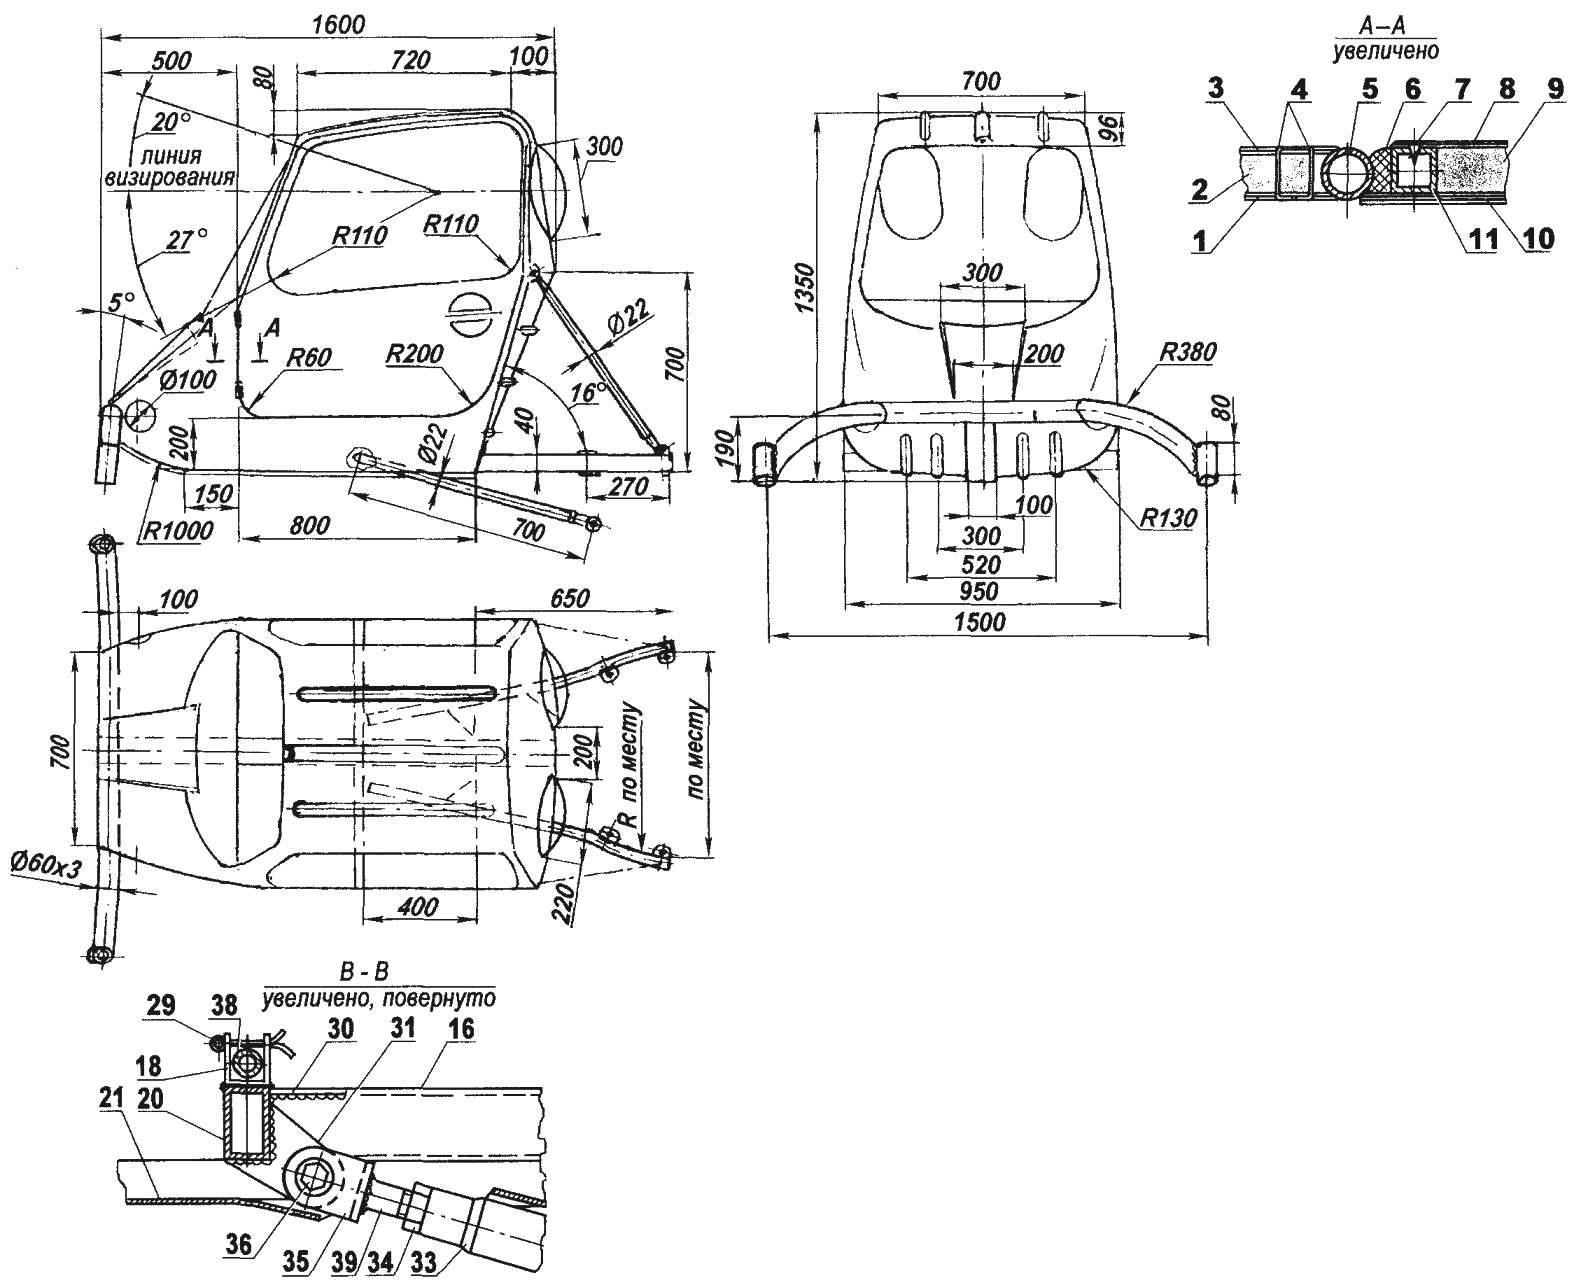 Геометрическая схема кабины снегохода